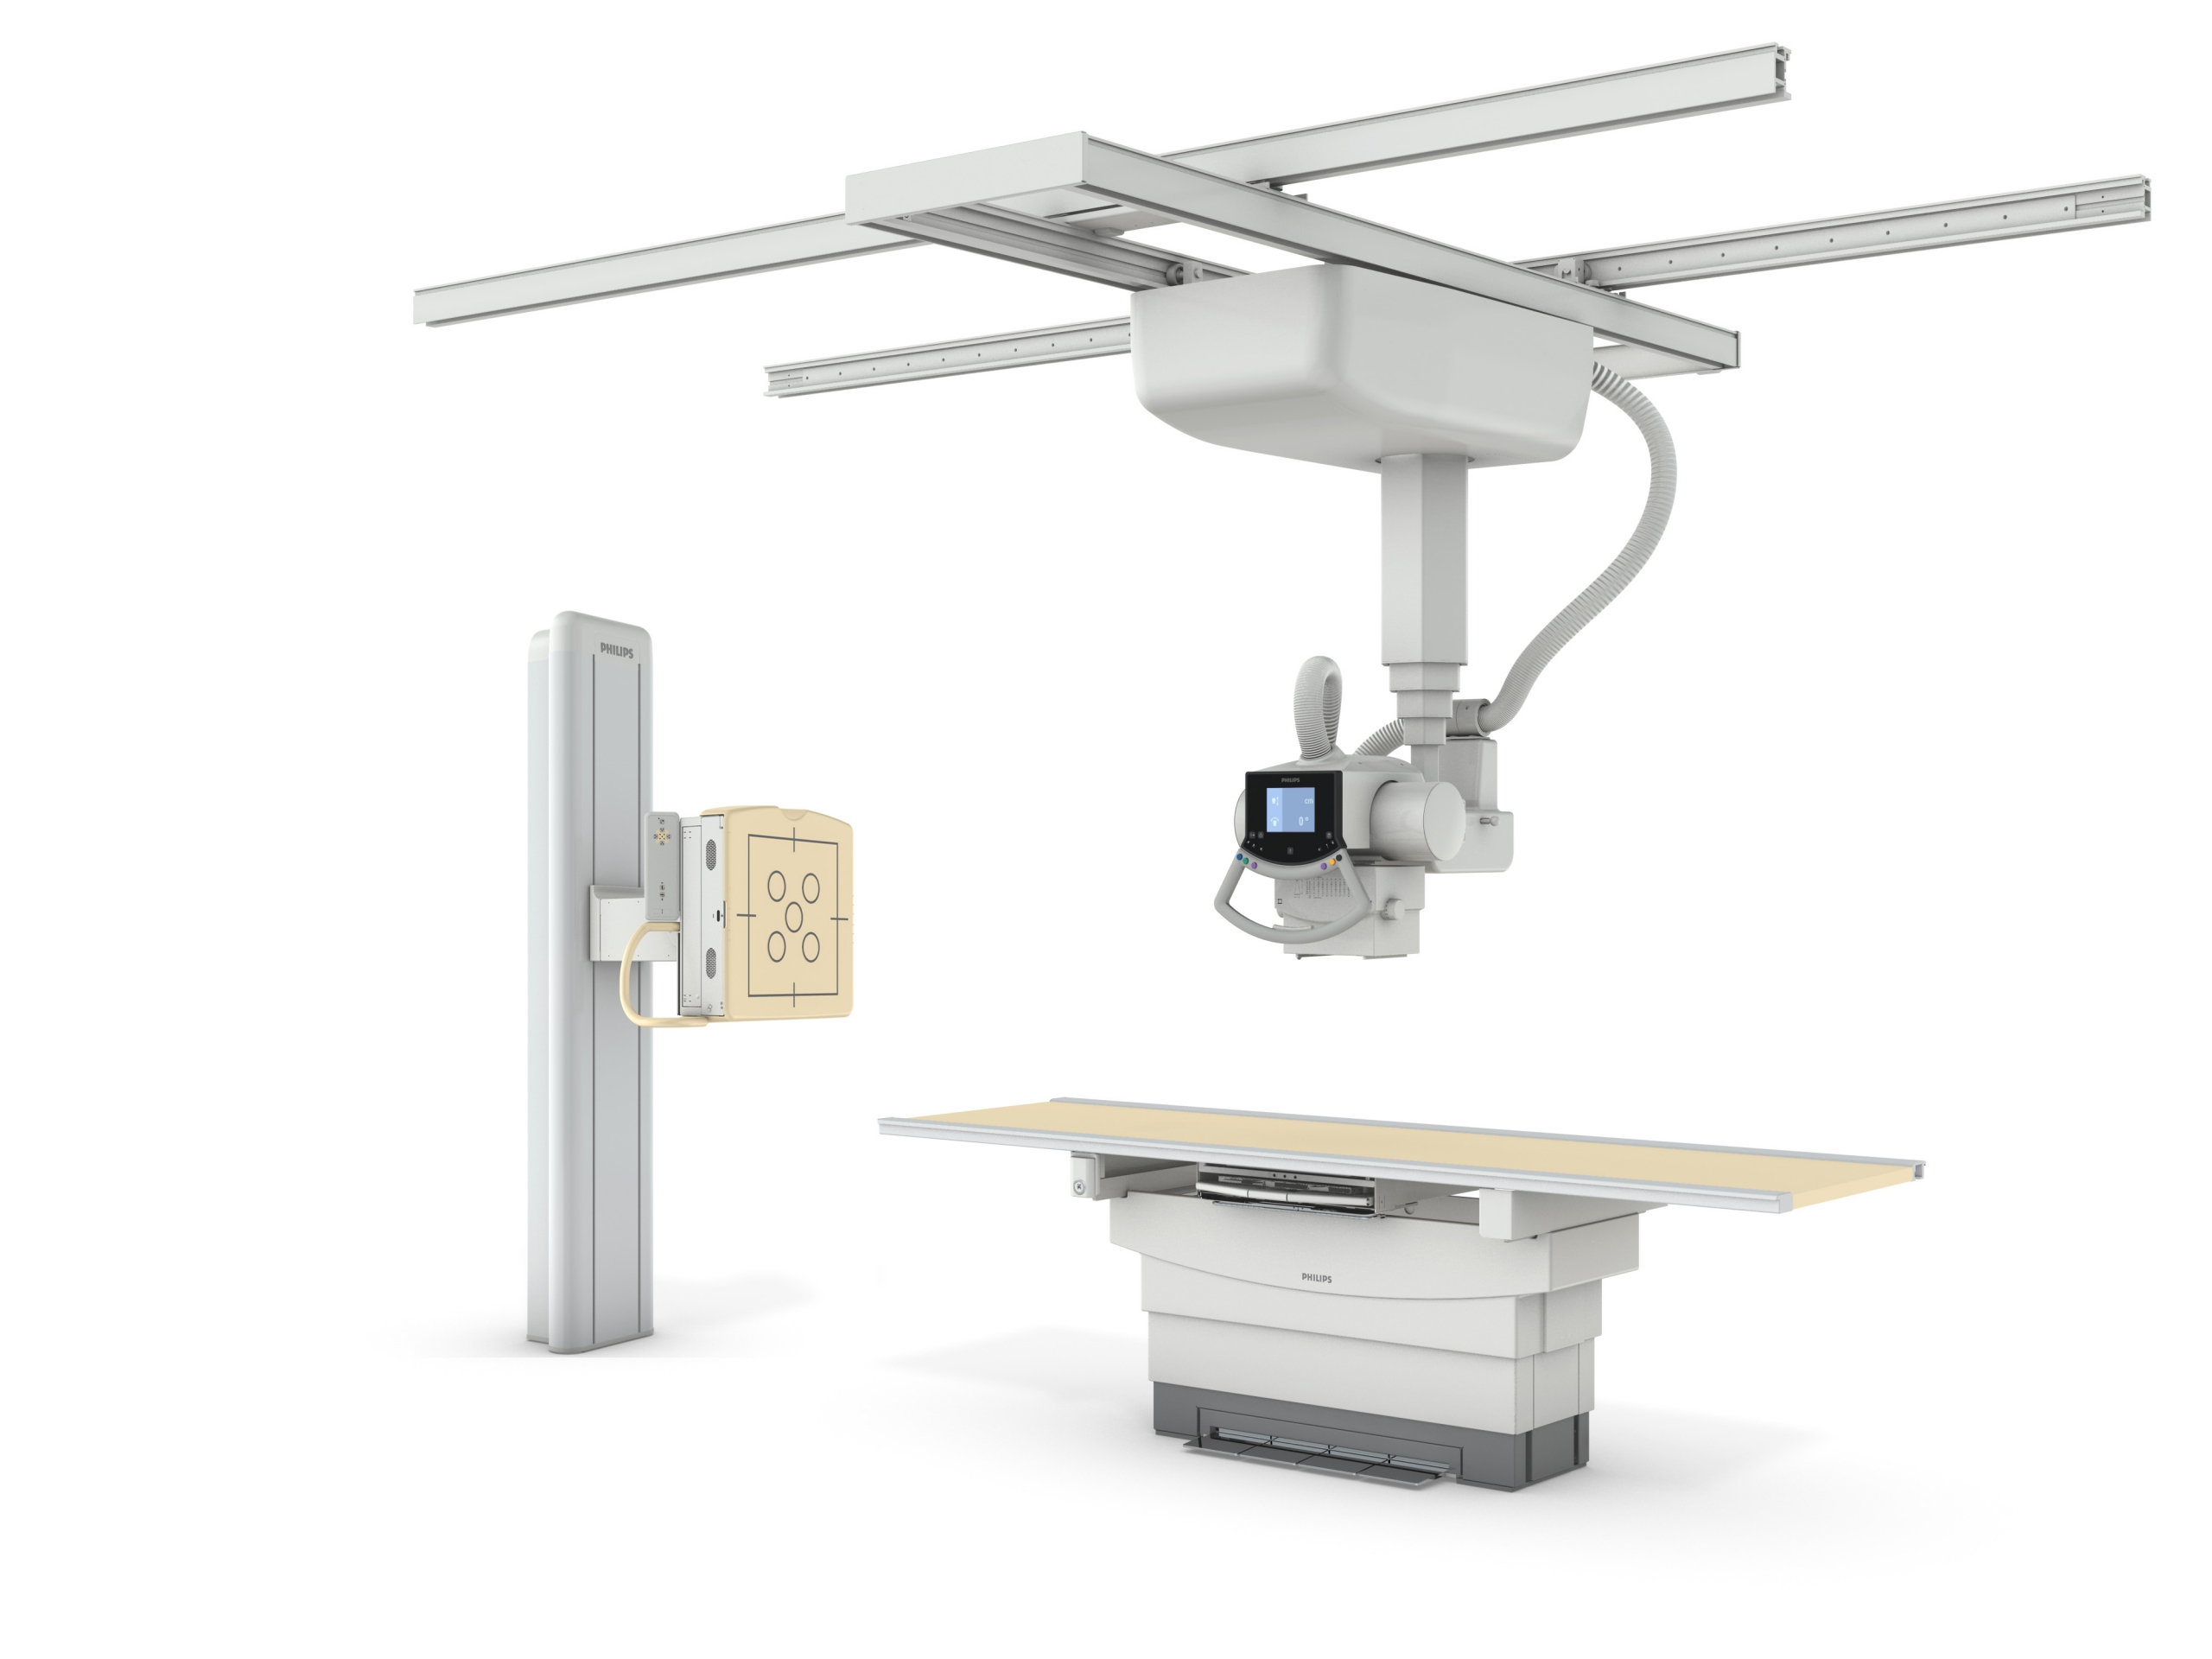 フィリップス/パフォーマンスと画質の向上を図った「DigitalDiagnost C50 リリース1.1」の販売を開始